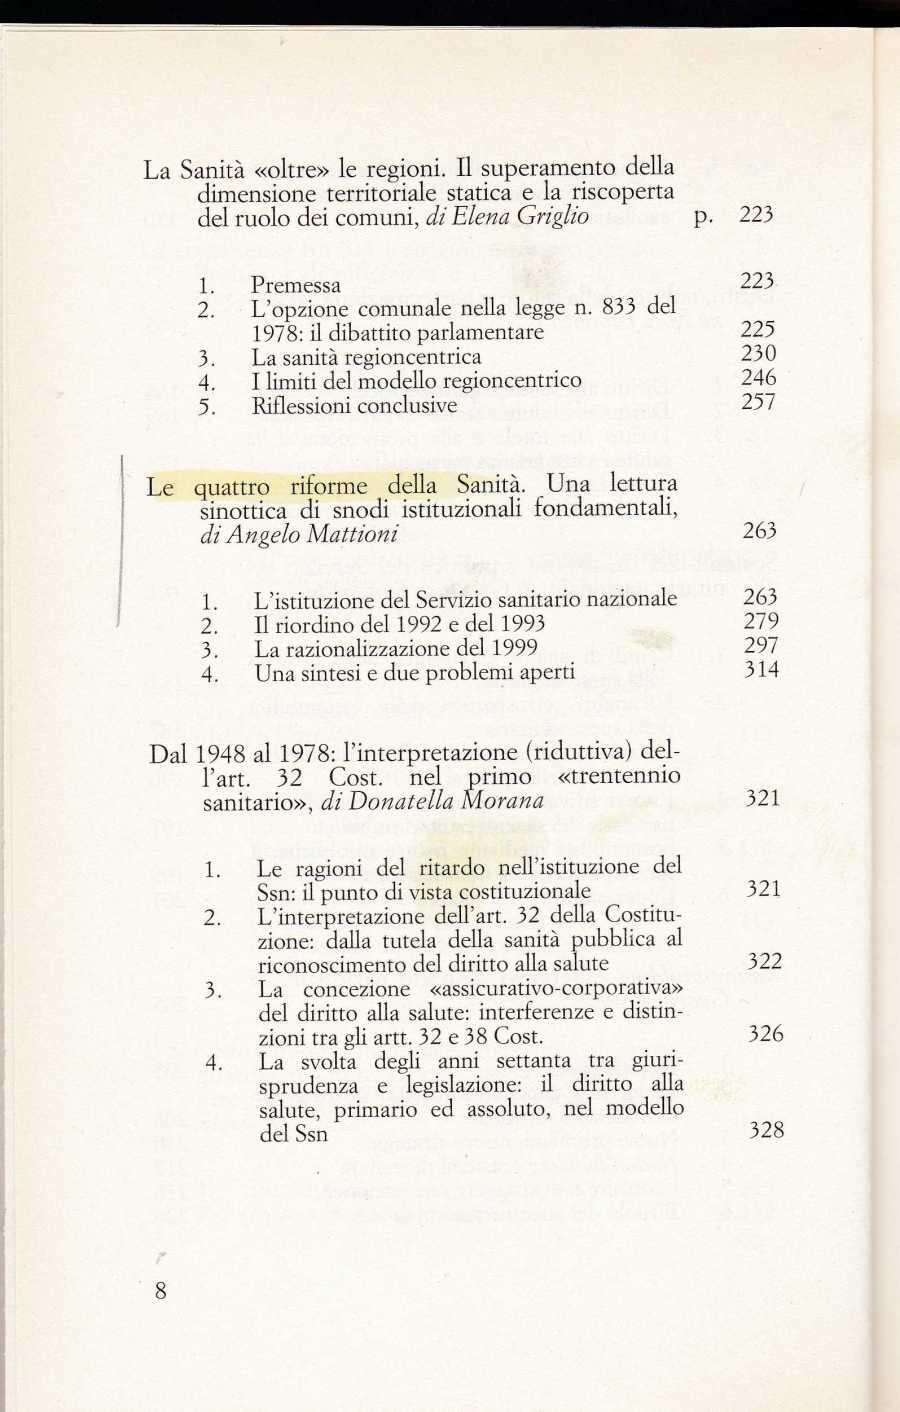 balduzzi1466